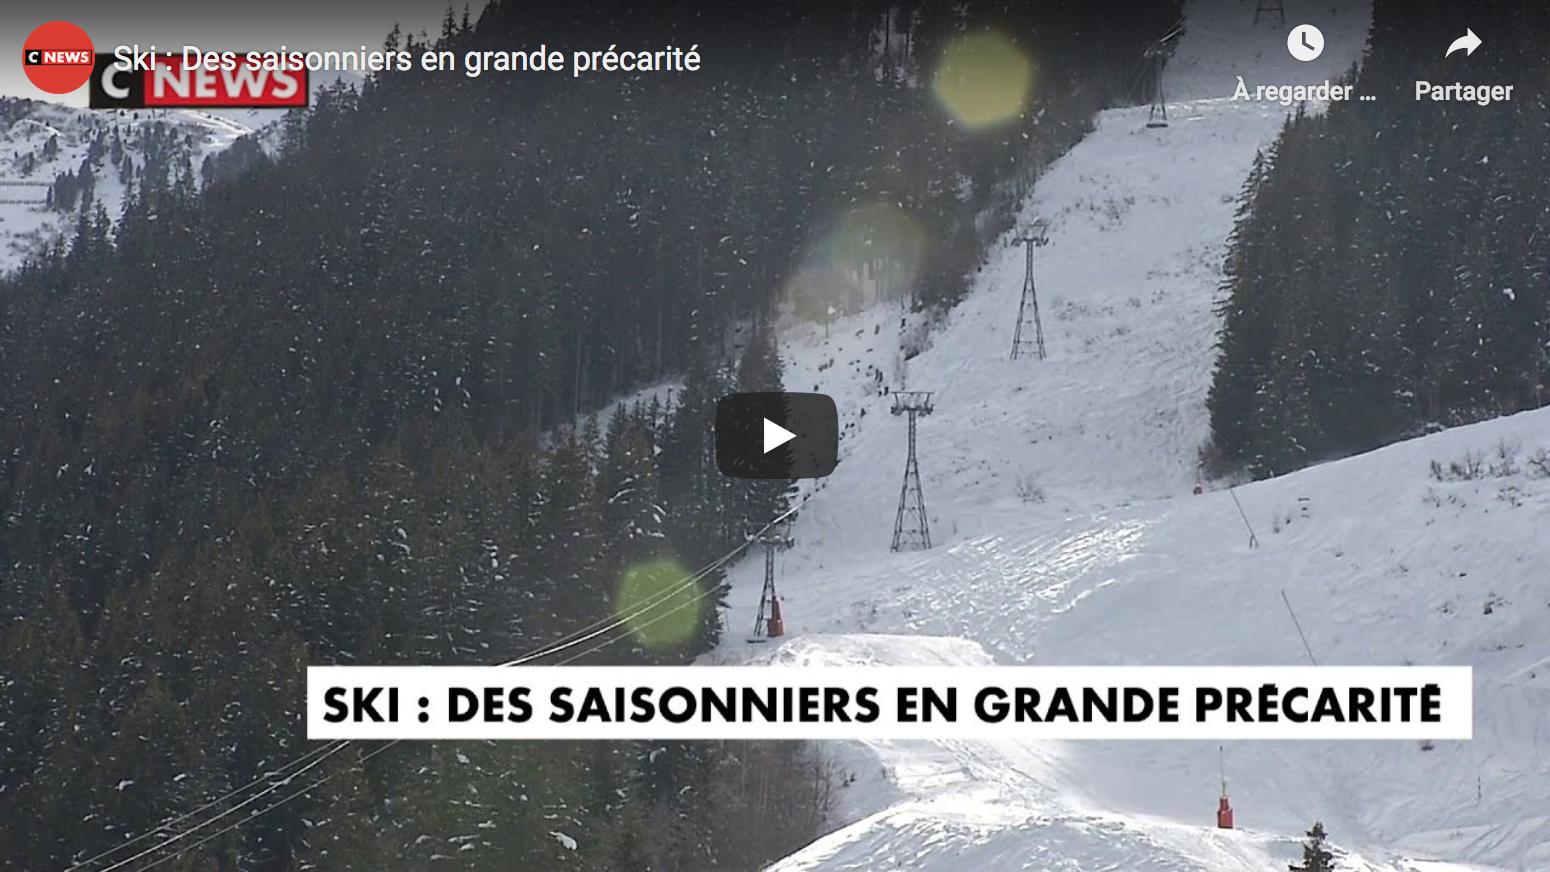 Ski : Des saisonniers en grande précarité